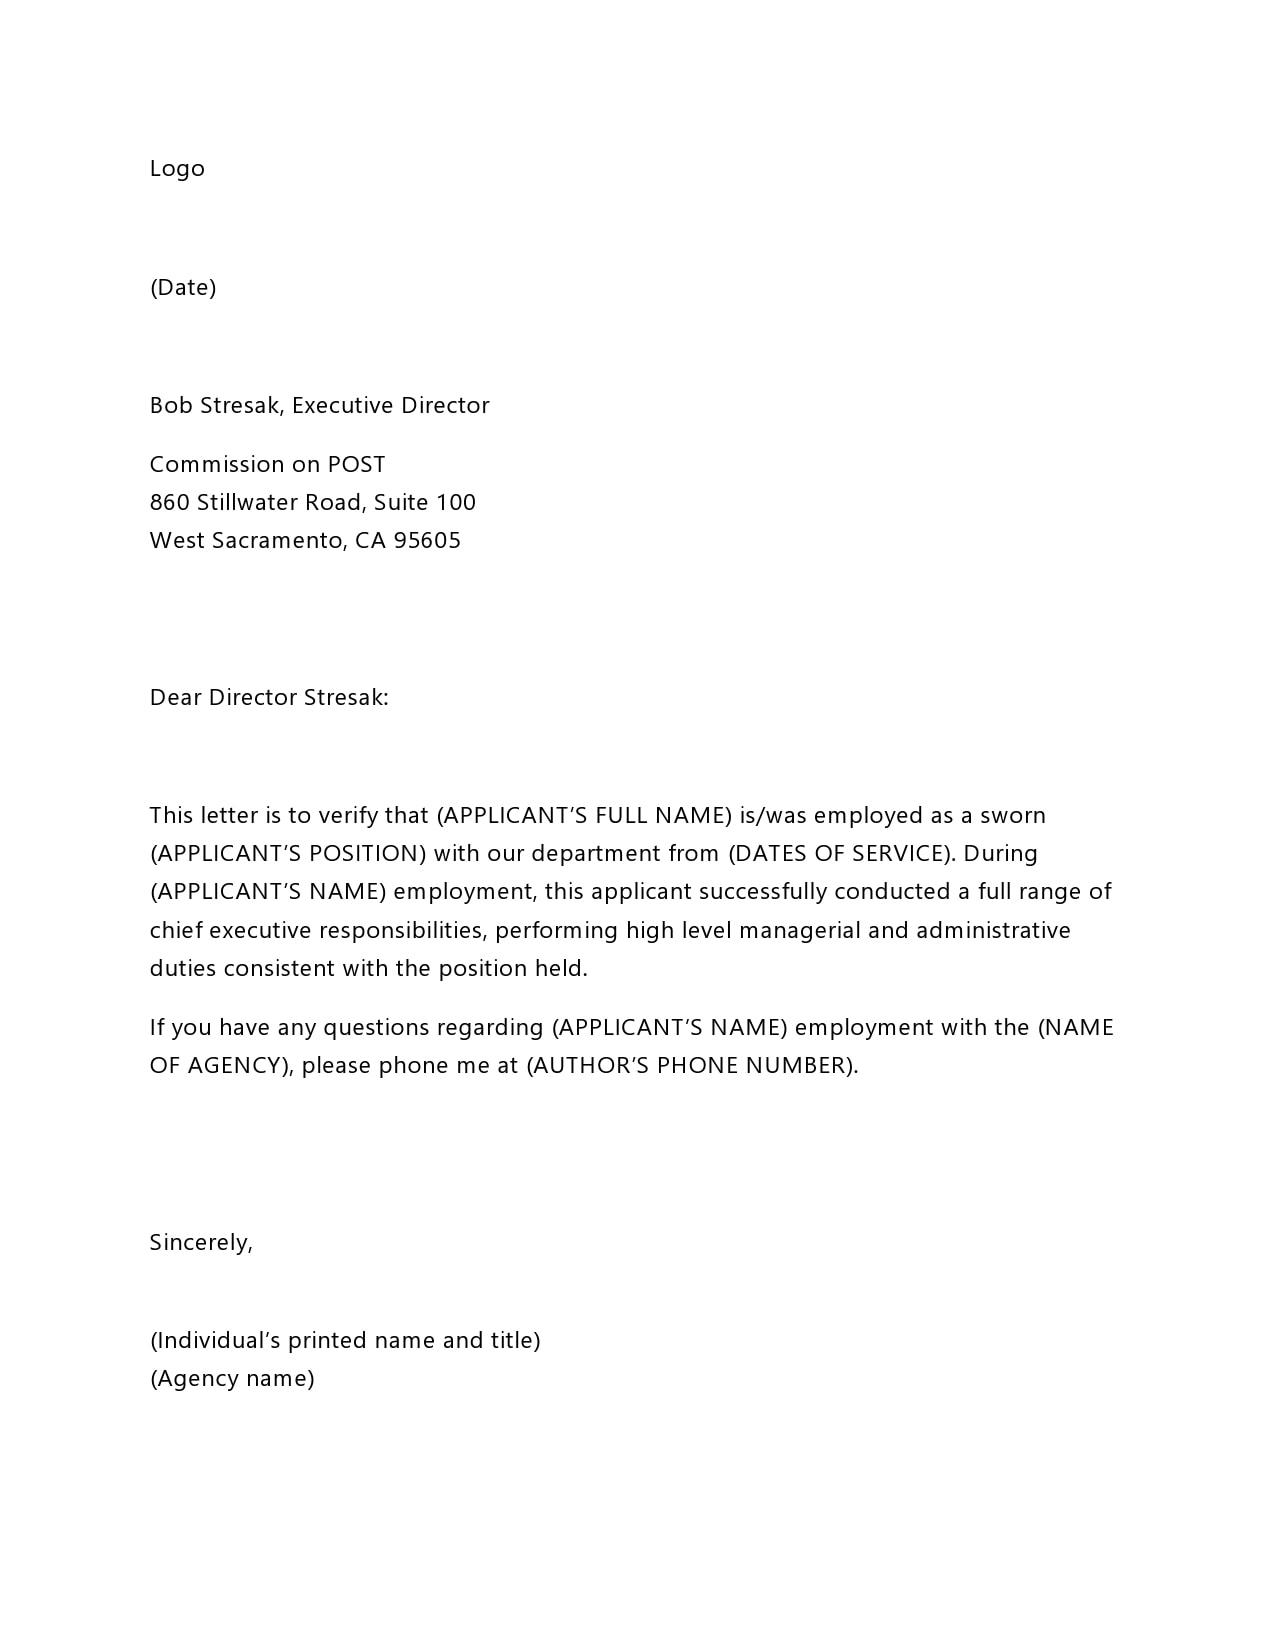 employment verification letter 30